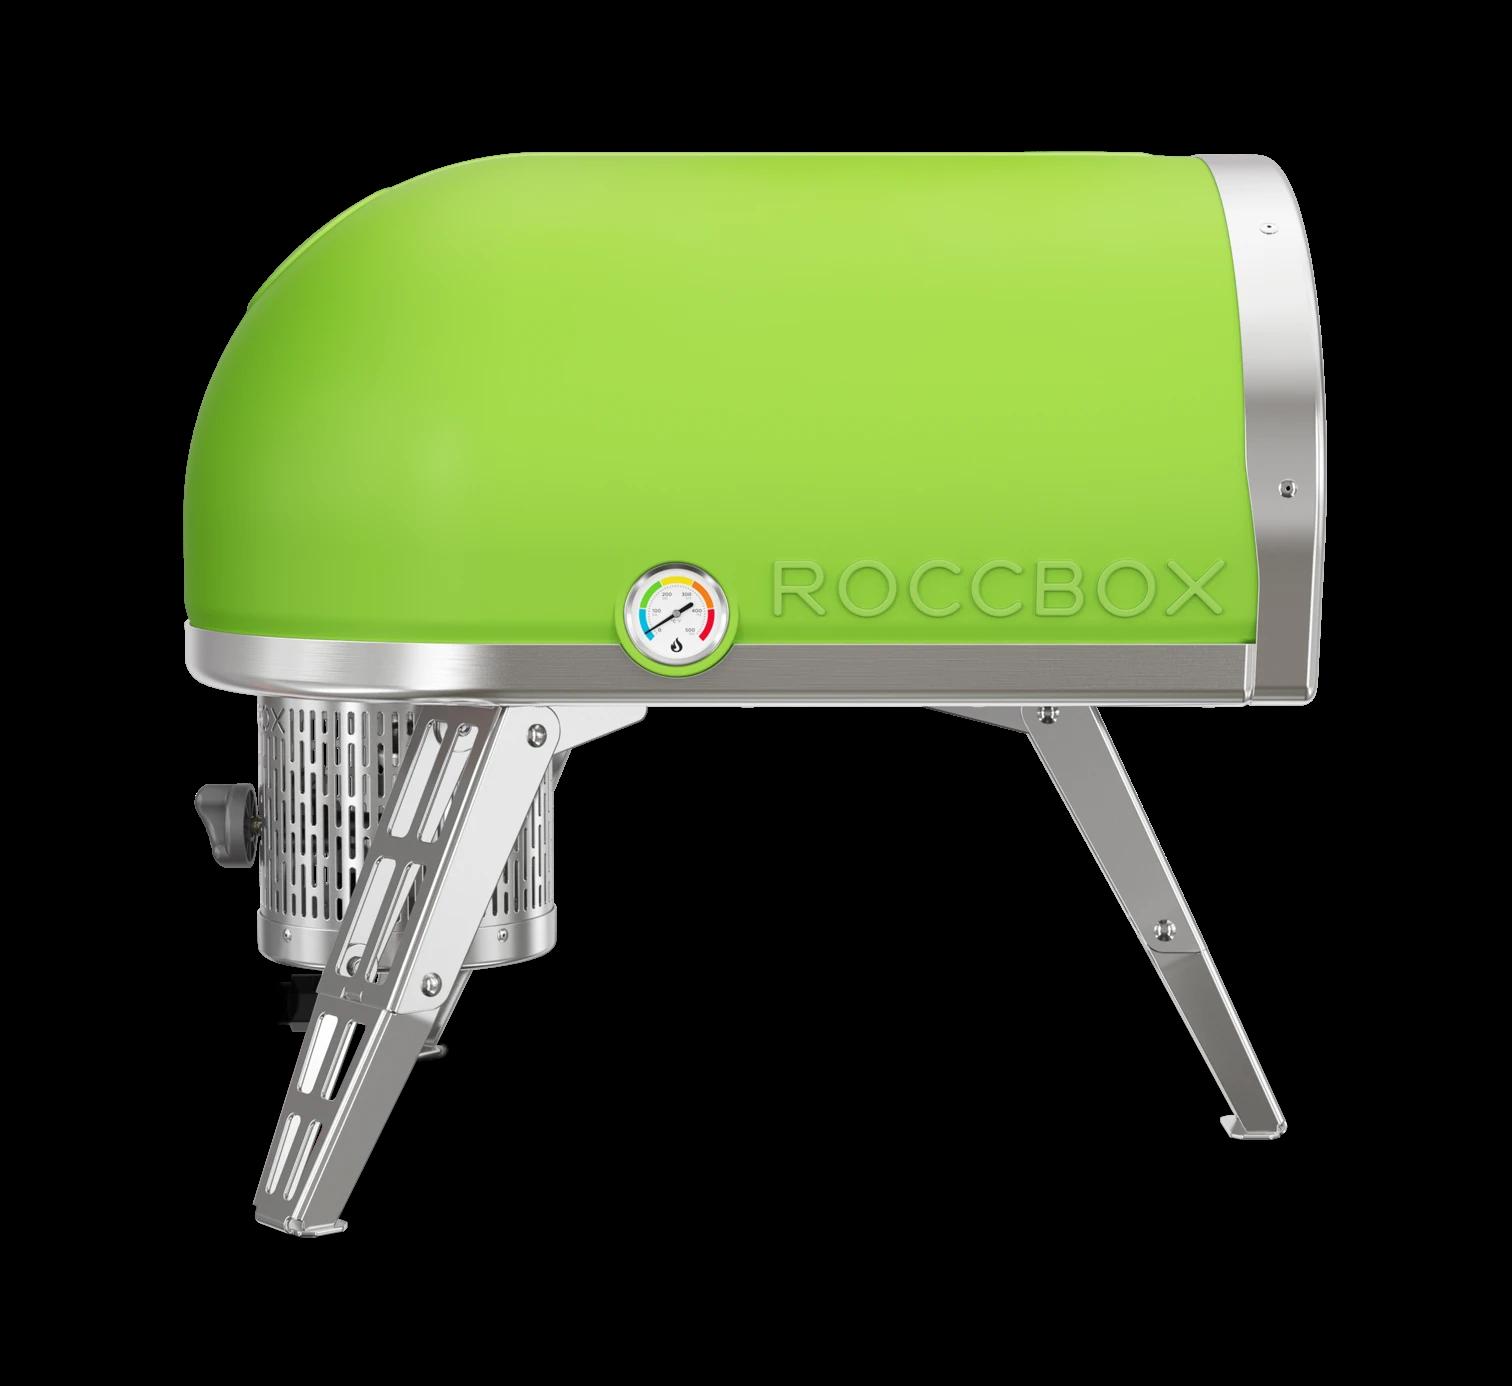 Roccbox-Green-3_985fc5b2-bcd2-4799-8db8-a92e62dcaedc_1512x